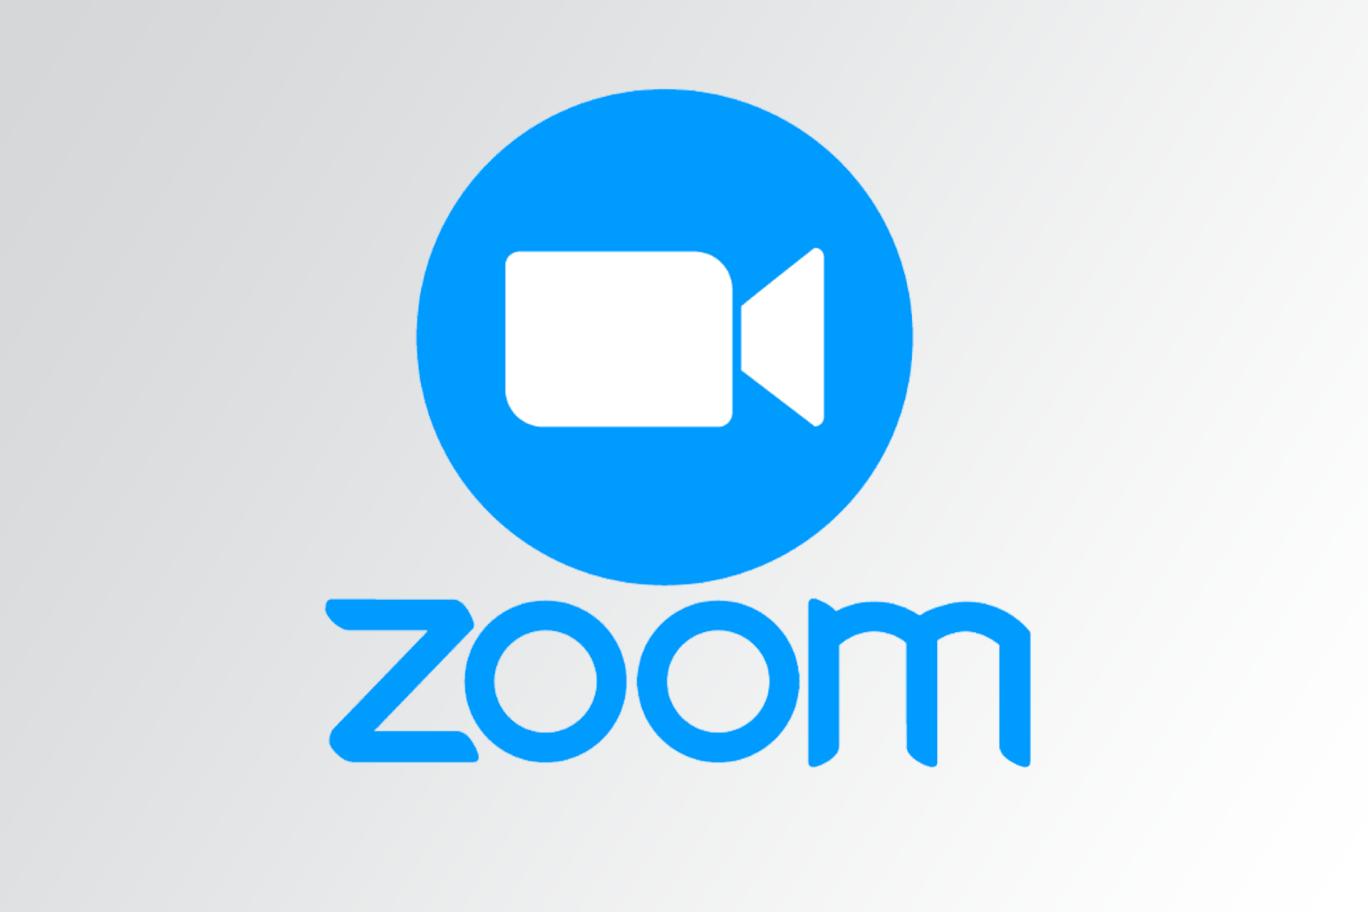 zoom-logo-1368x912